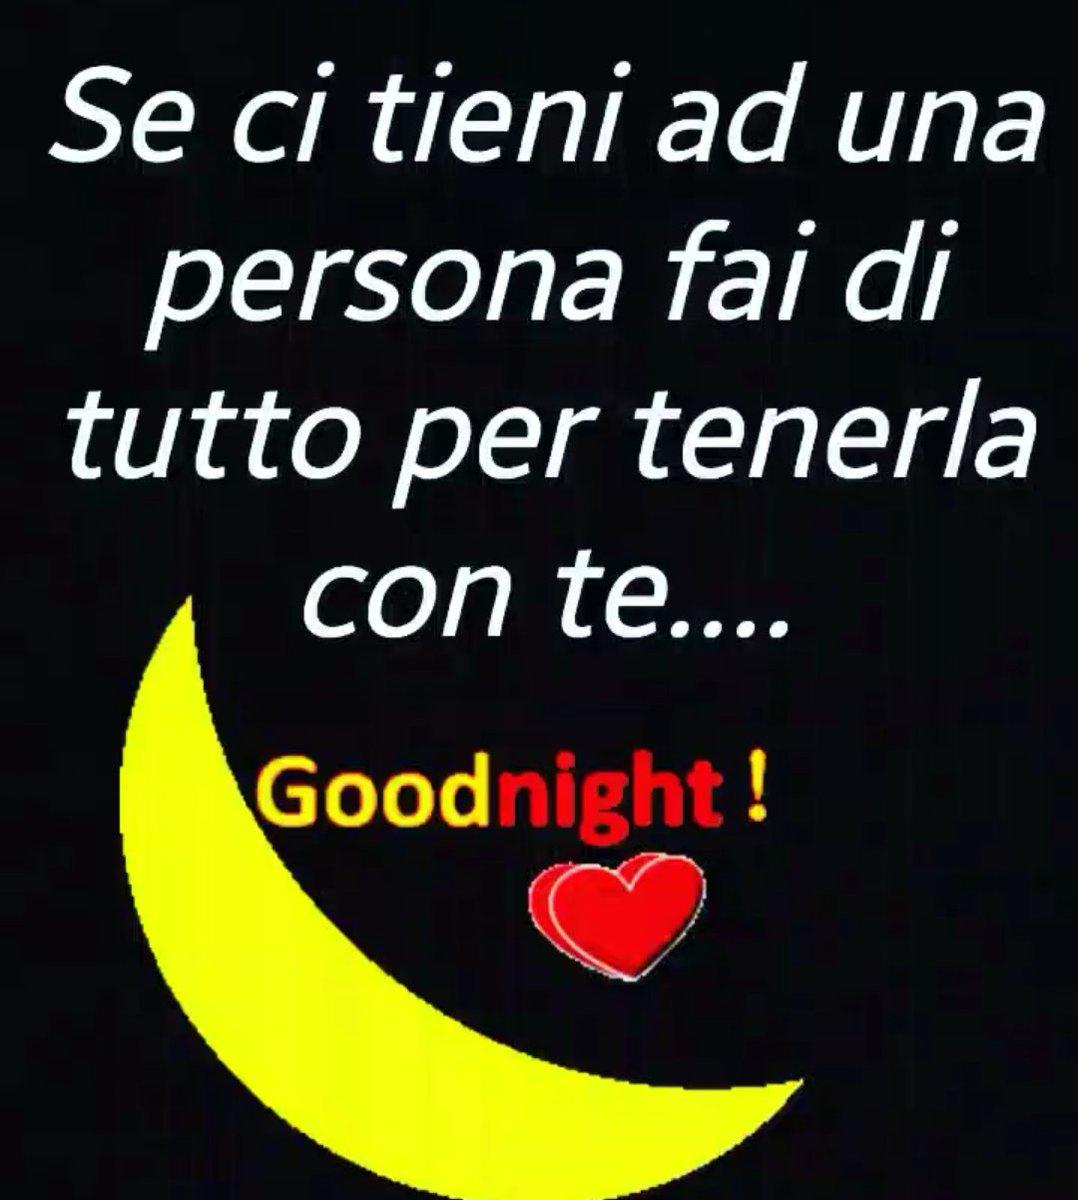 #Buonanotte a tutti #FinoAllaFine #goodnight